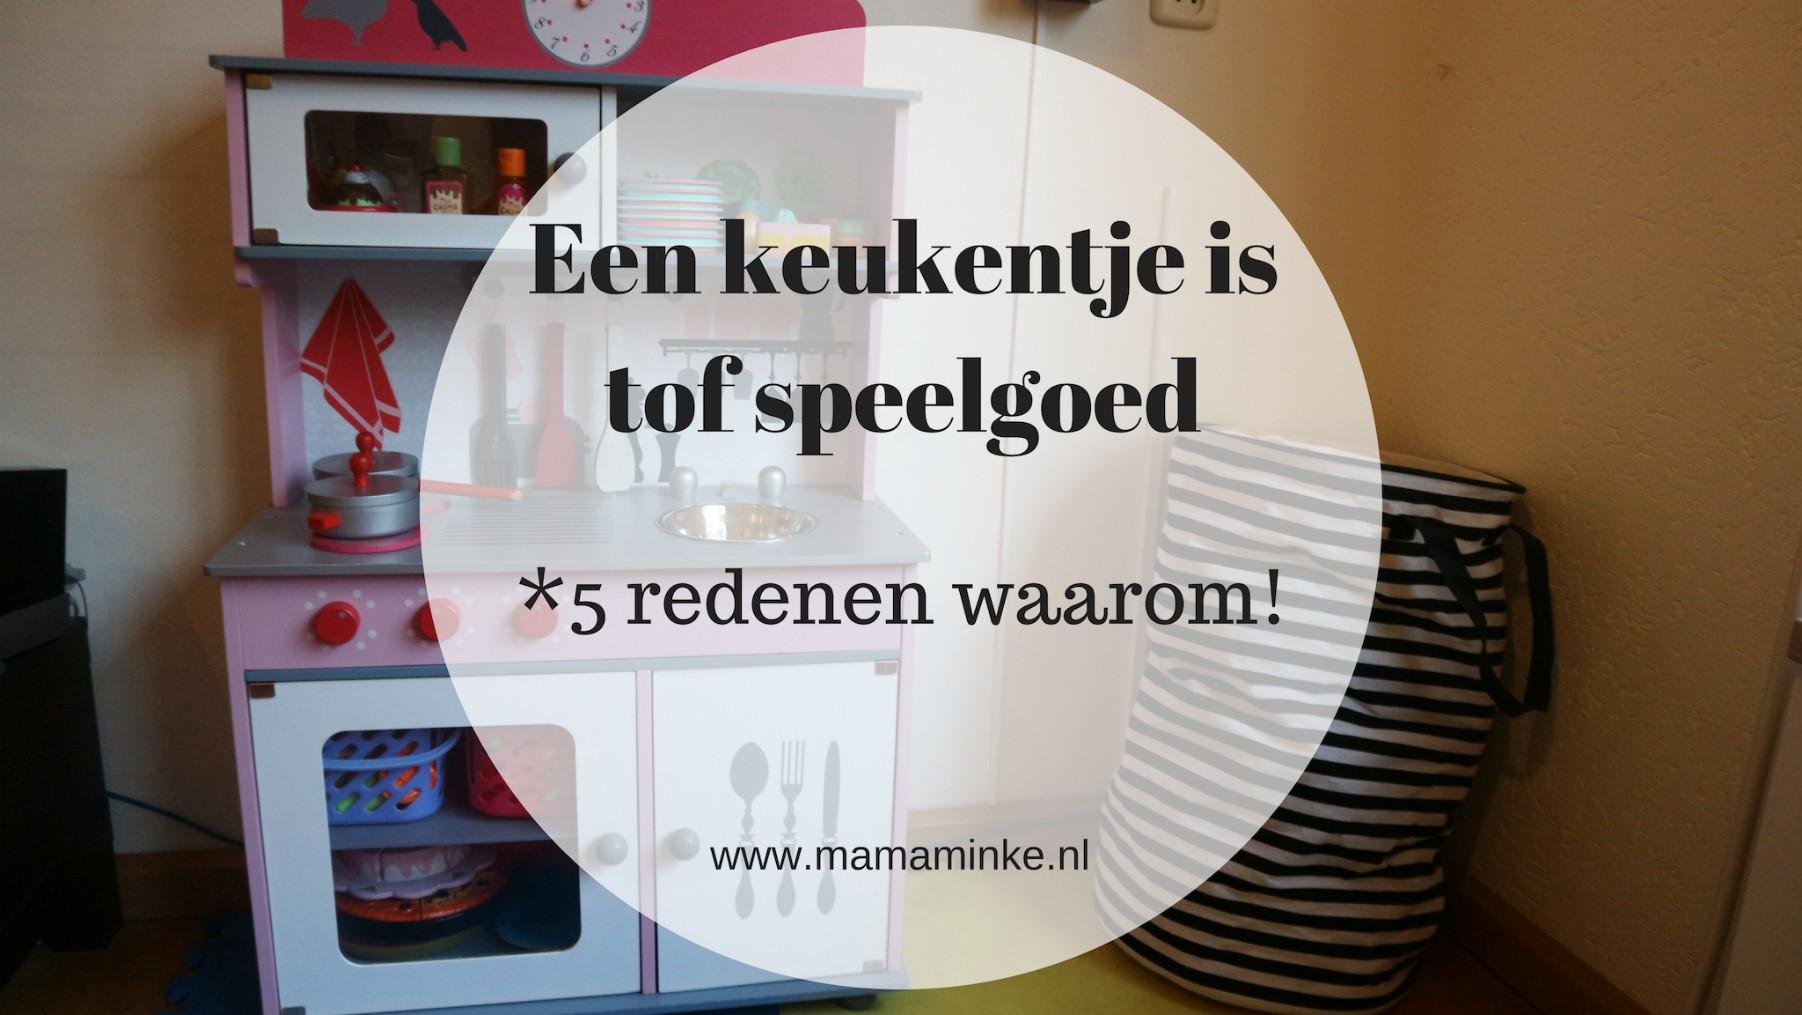 *5 redenen waarom een keukentje een tof cadeau is